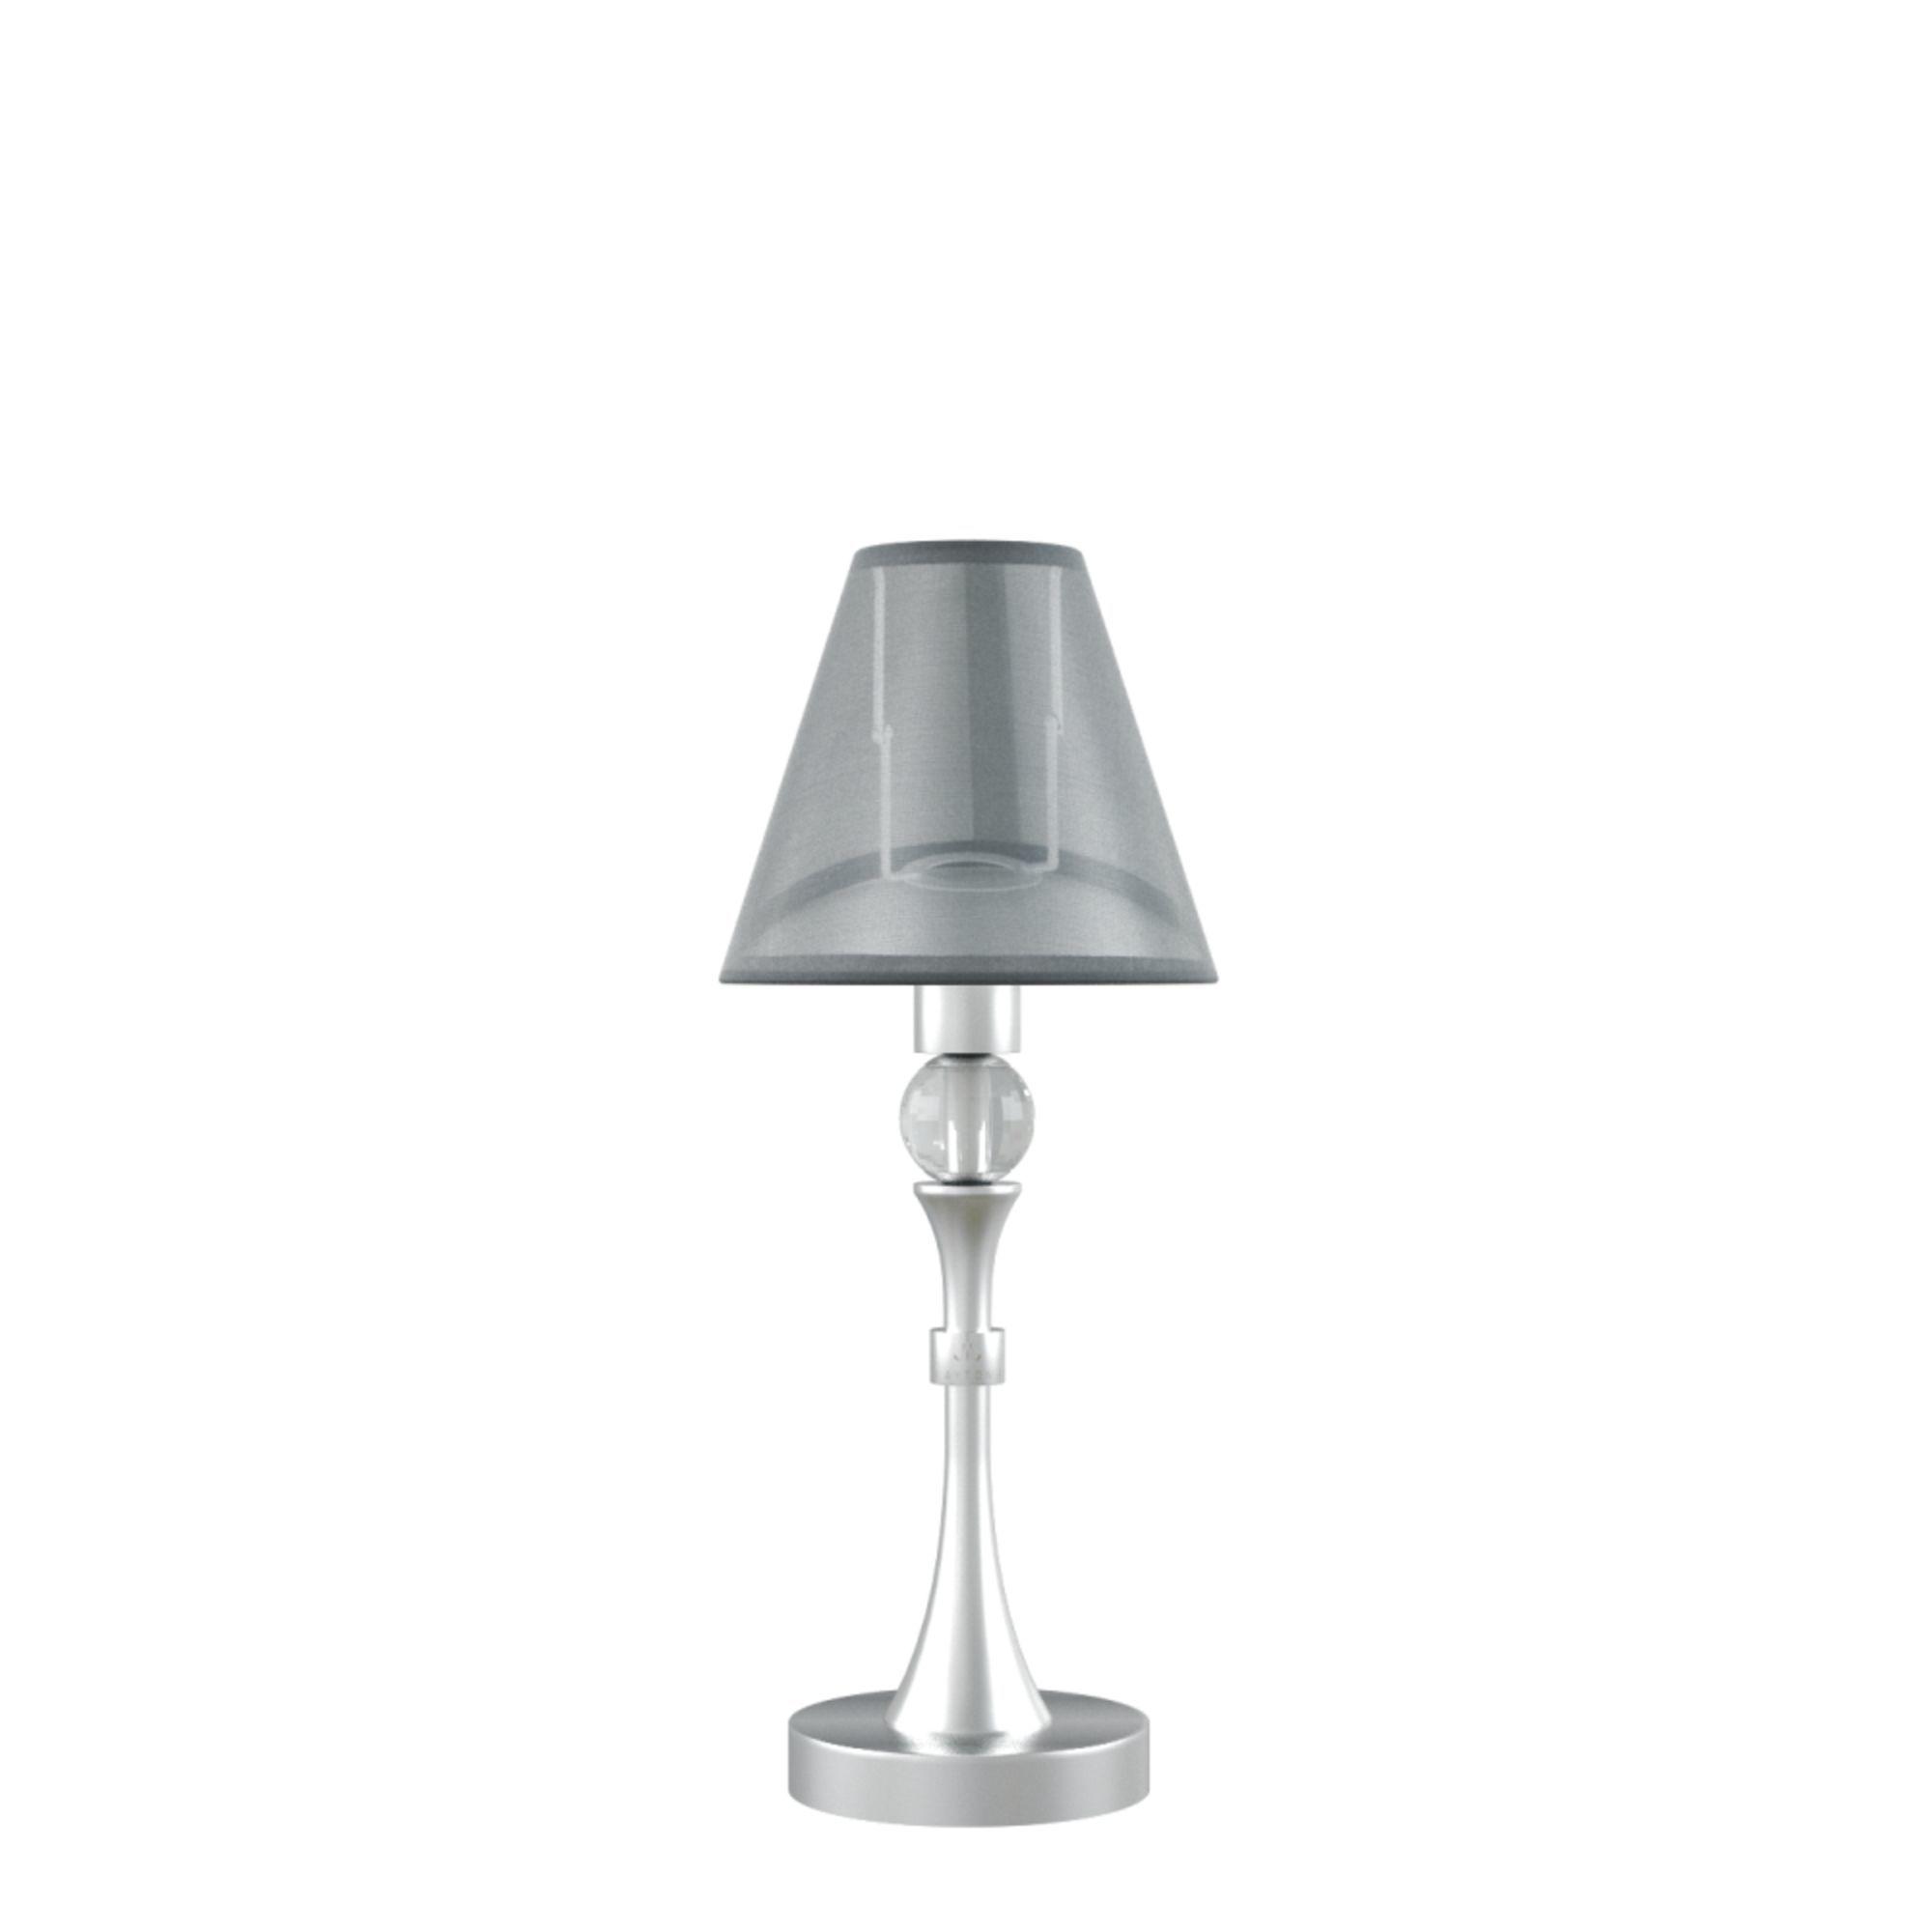 Настольная лампа Maytoni Lamp4You Eclectic 6 M-11-CR-LMP-O-21, 1xE14x40W, матовый хром, черный, металл, текстиль - фото 1